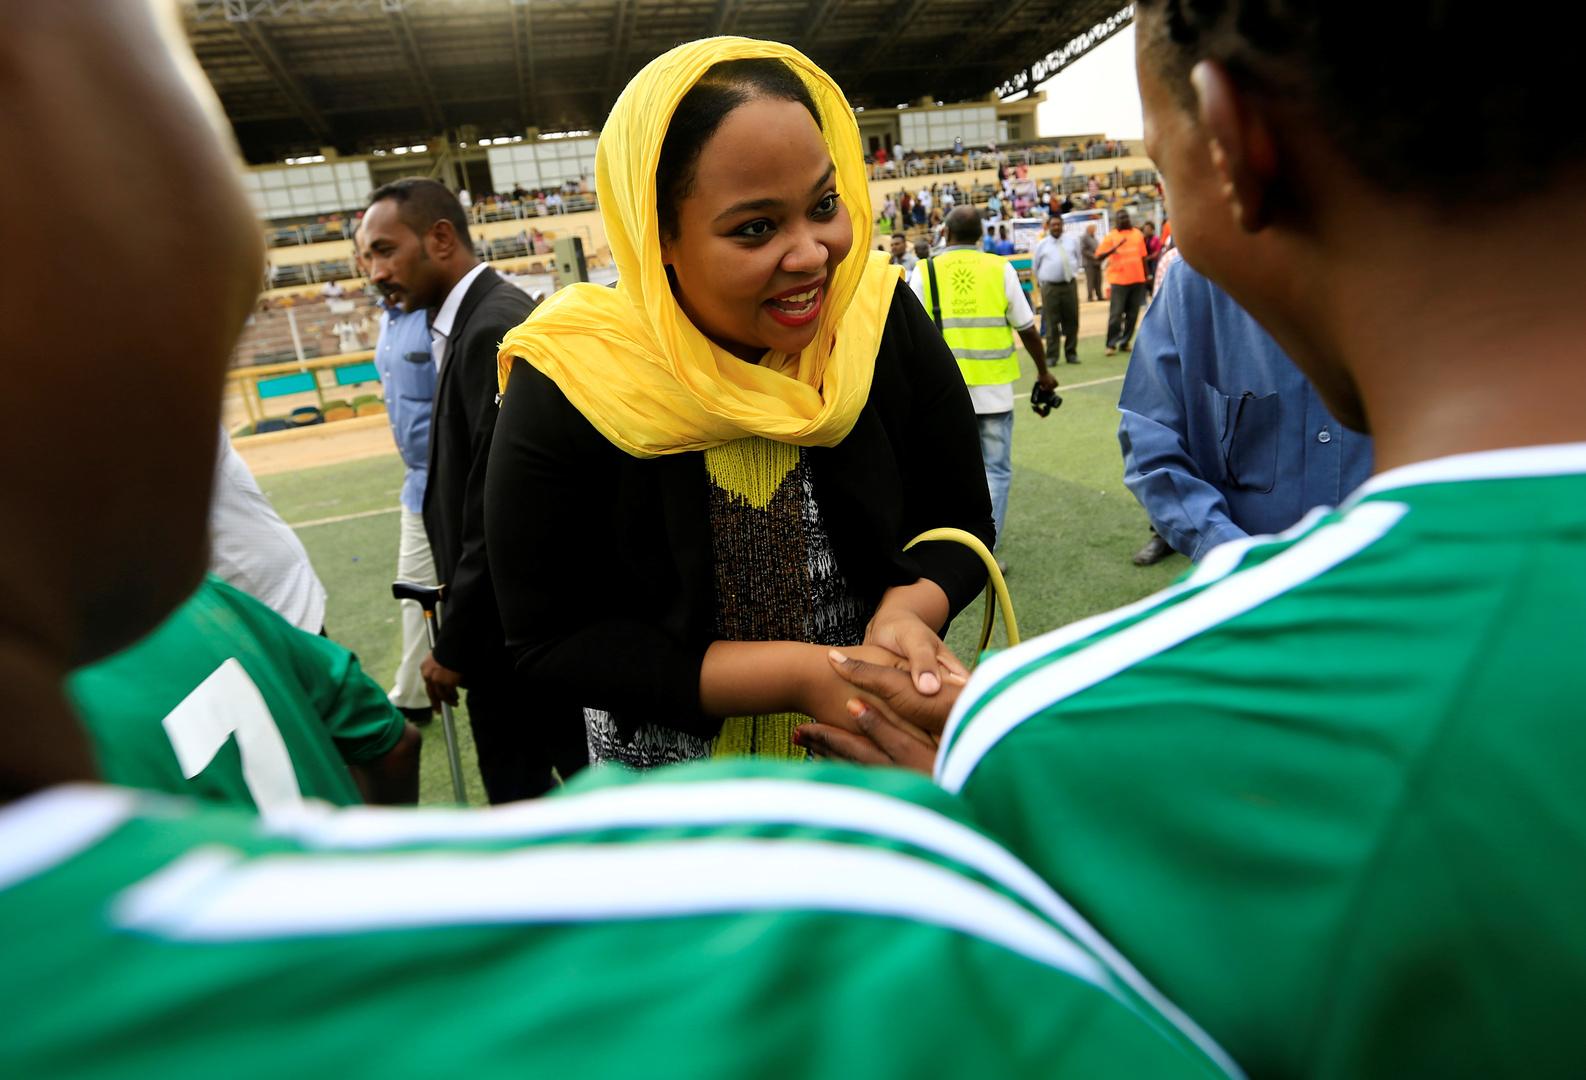 وزيرة الشباب والرياضة السودانية تعلن إصابتها بفيروس كورونا